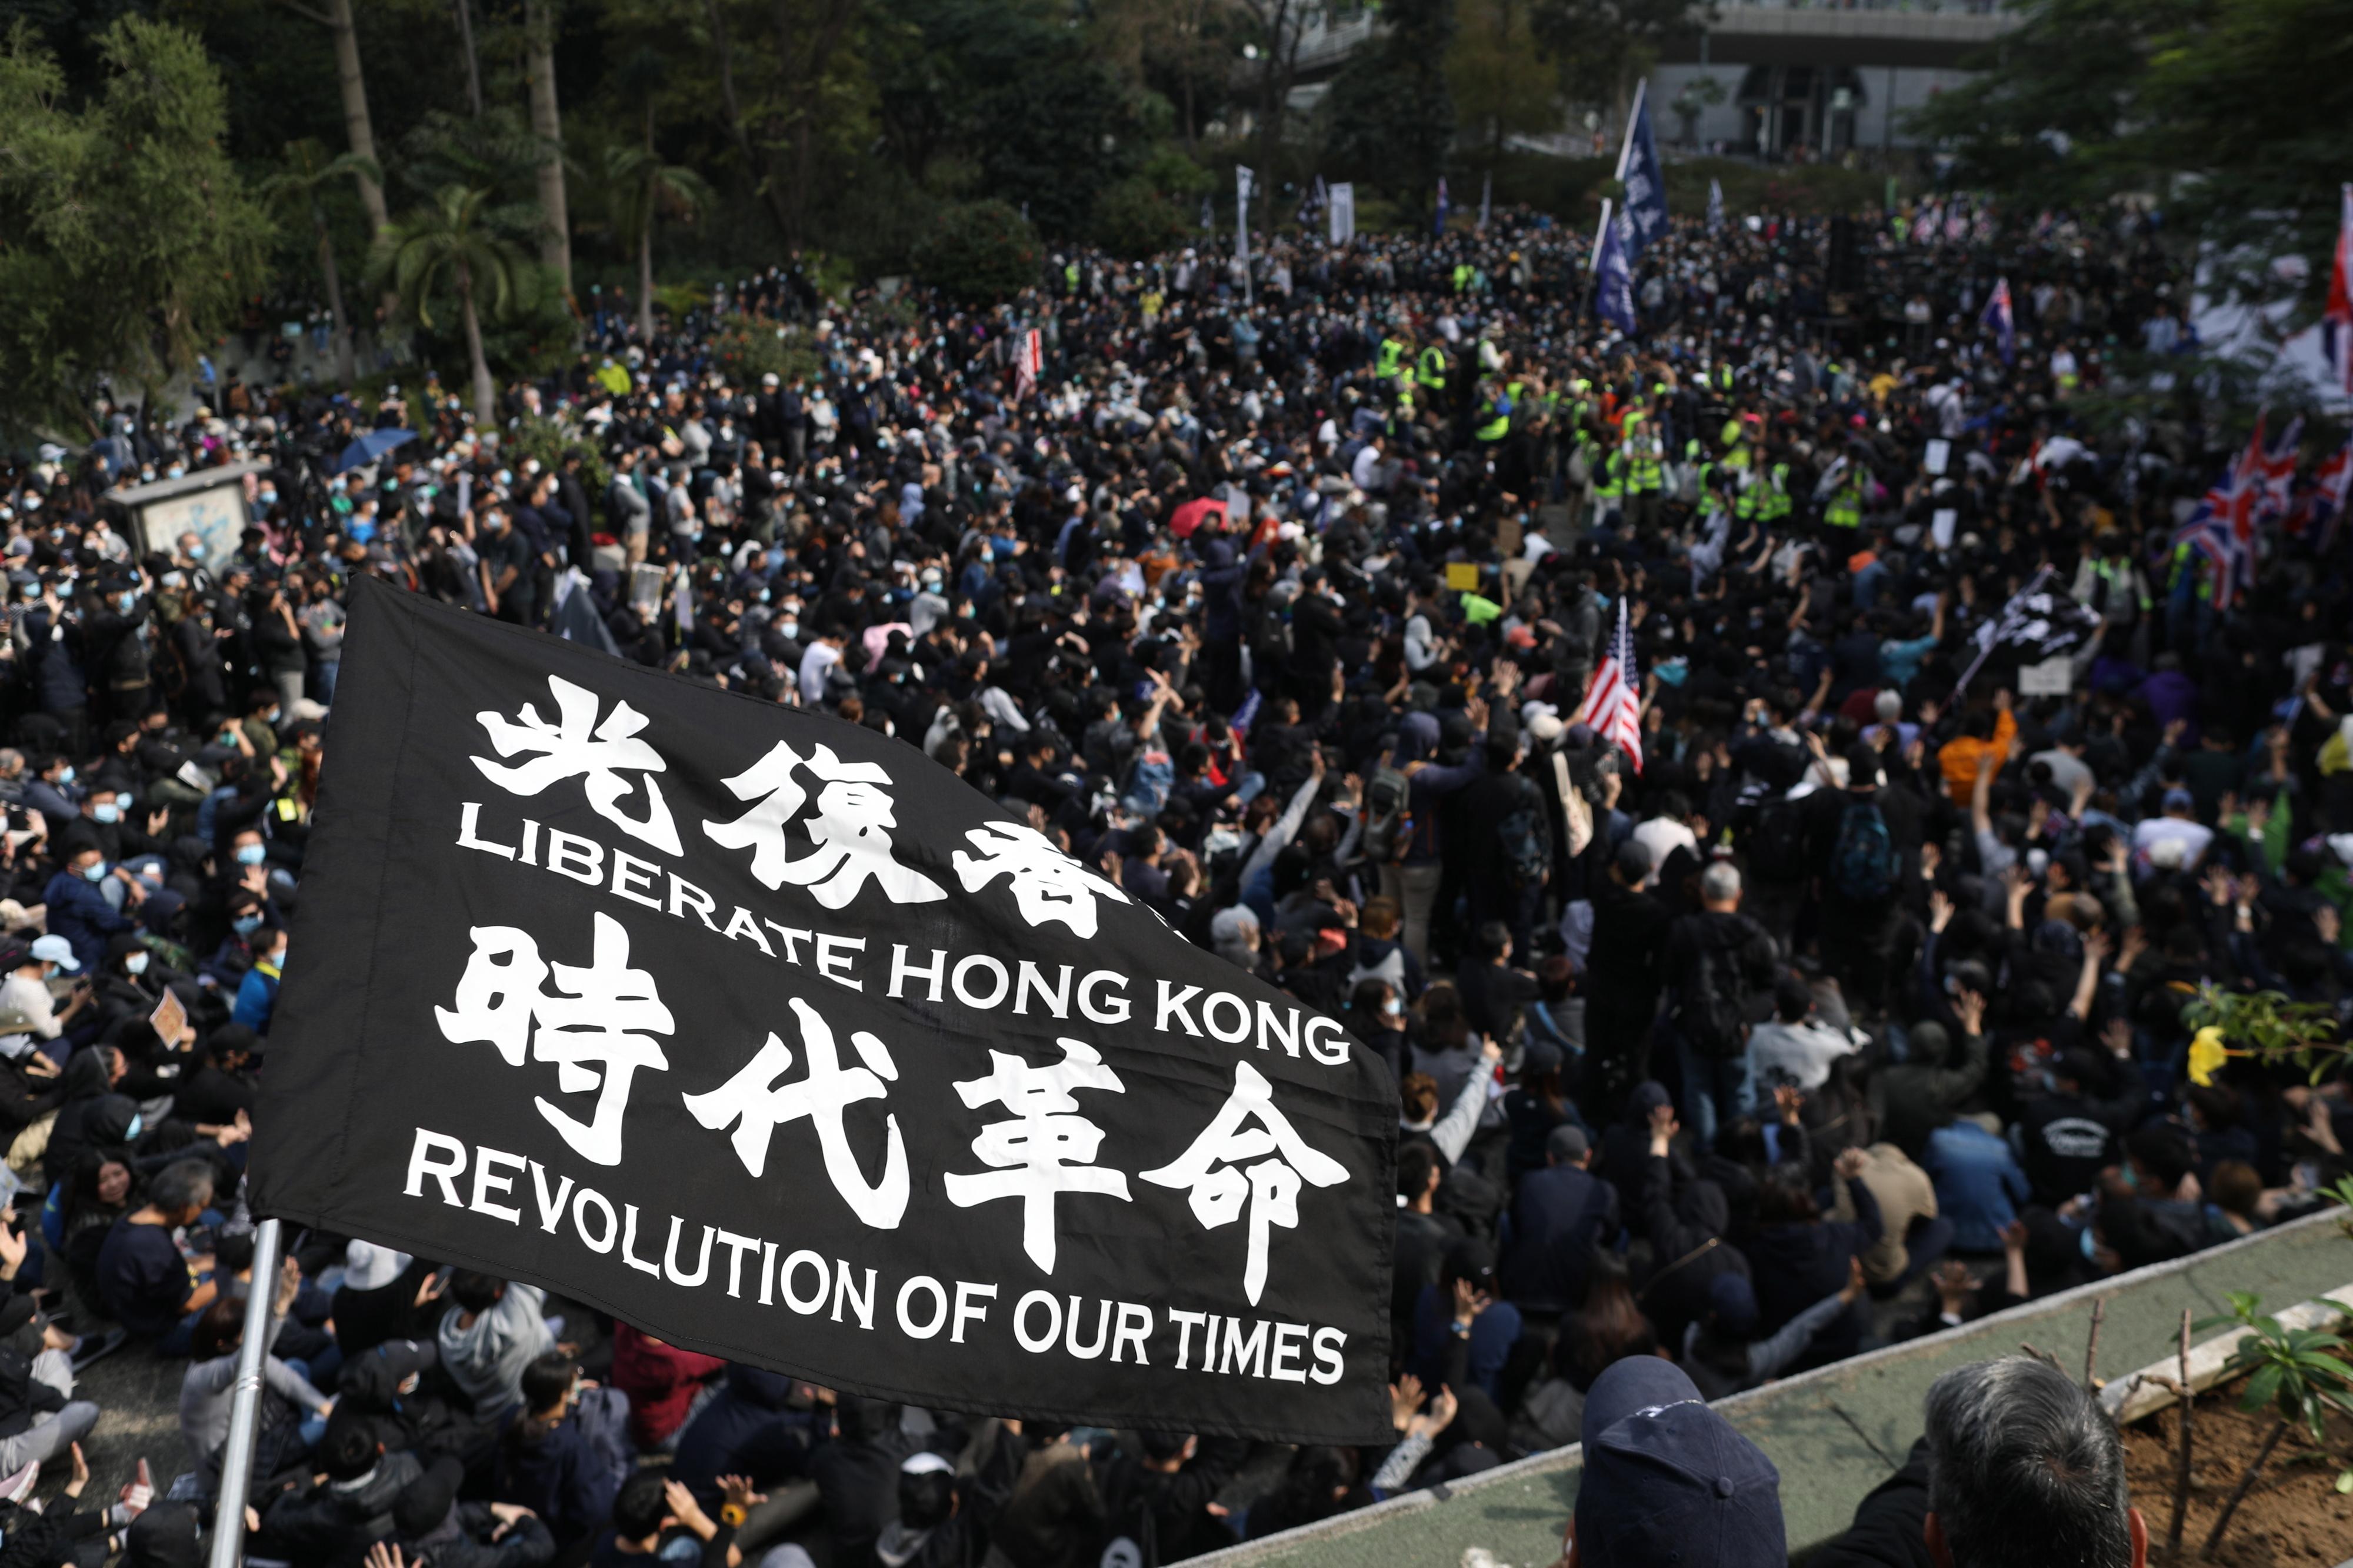 Polícia de Hong Kong responde a manifestação com gás lacrimogéneo